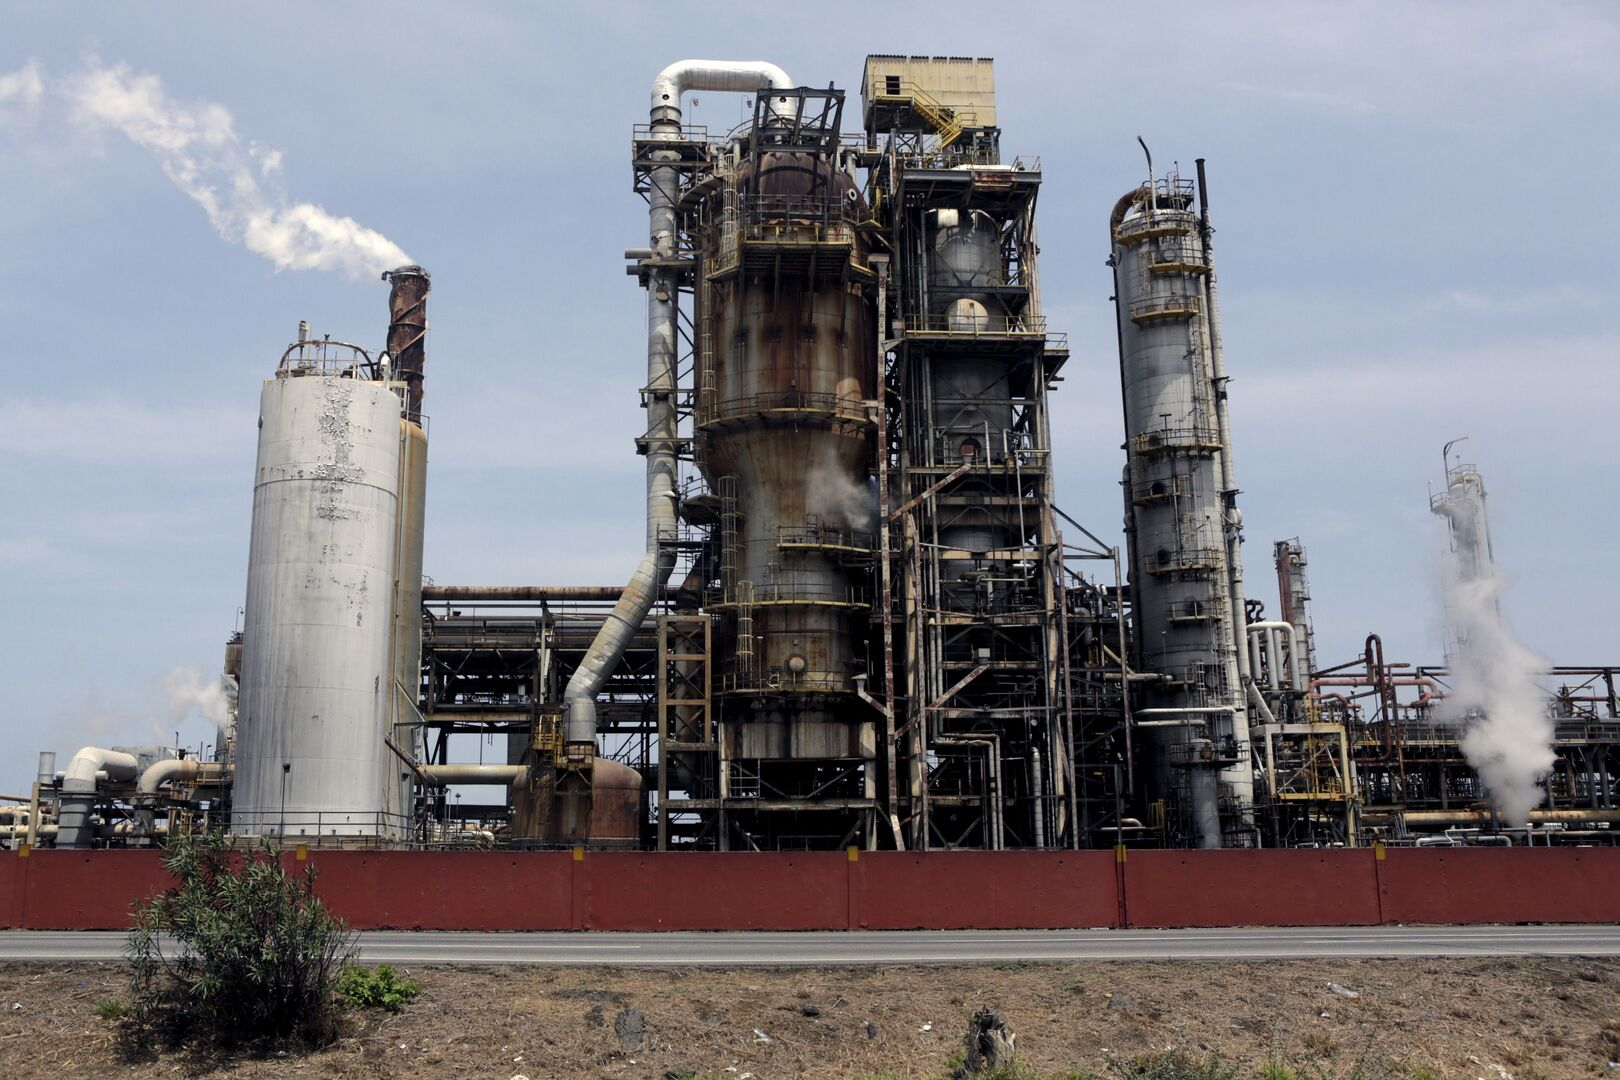 صورة تعبيرية - مصفاة لتكرير النفط